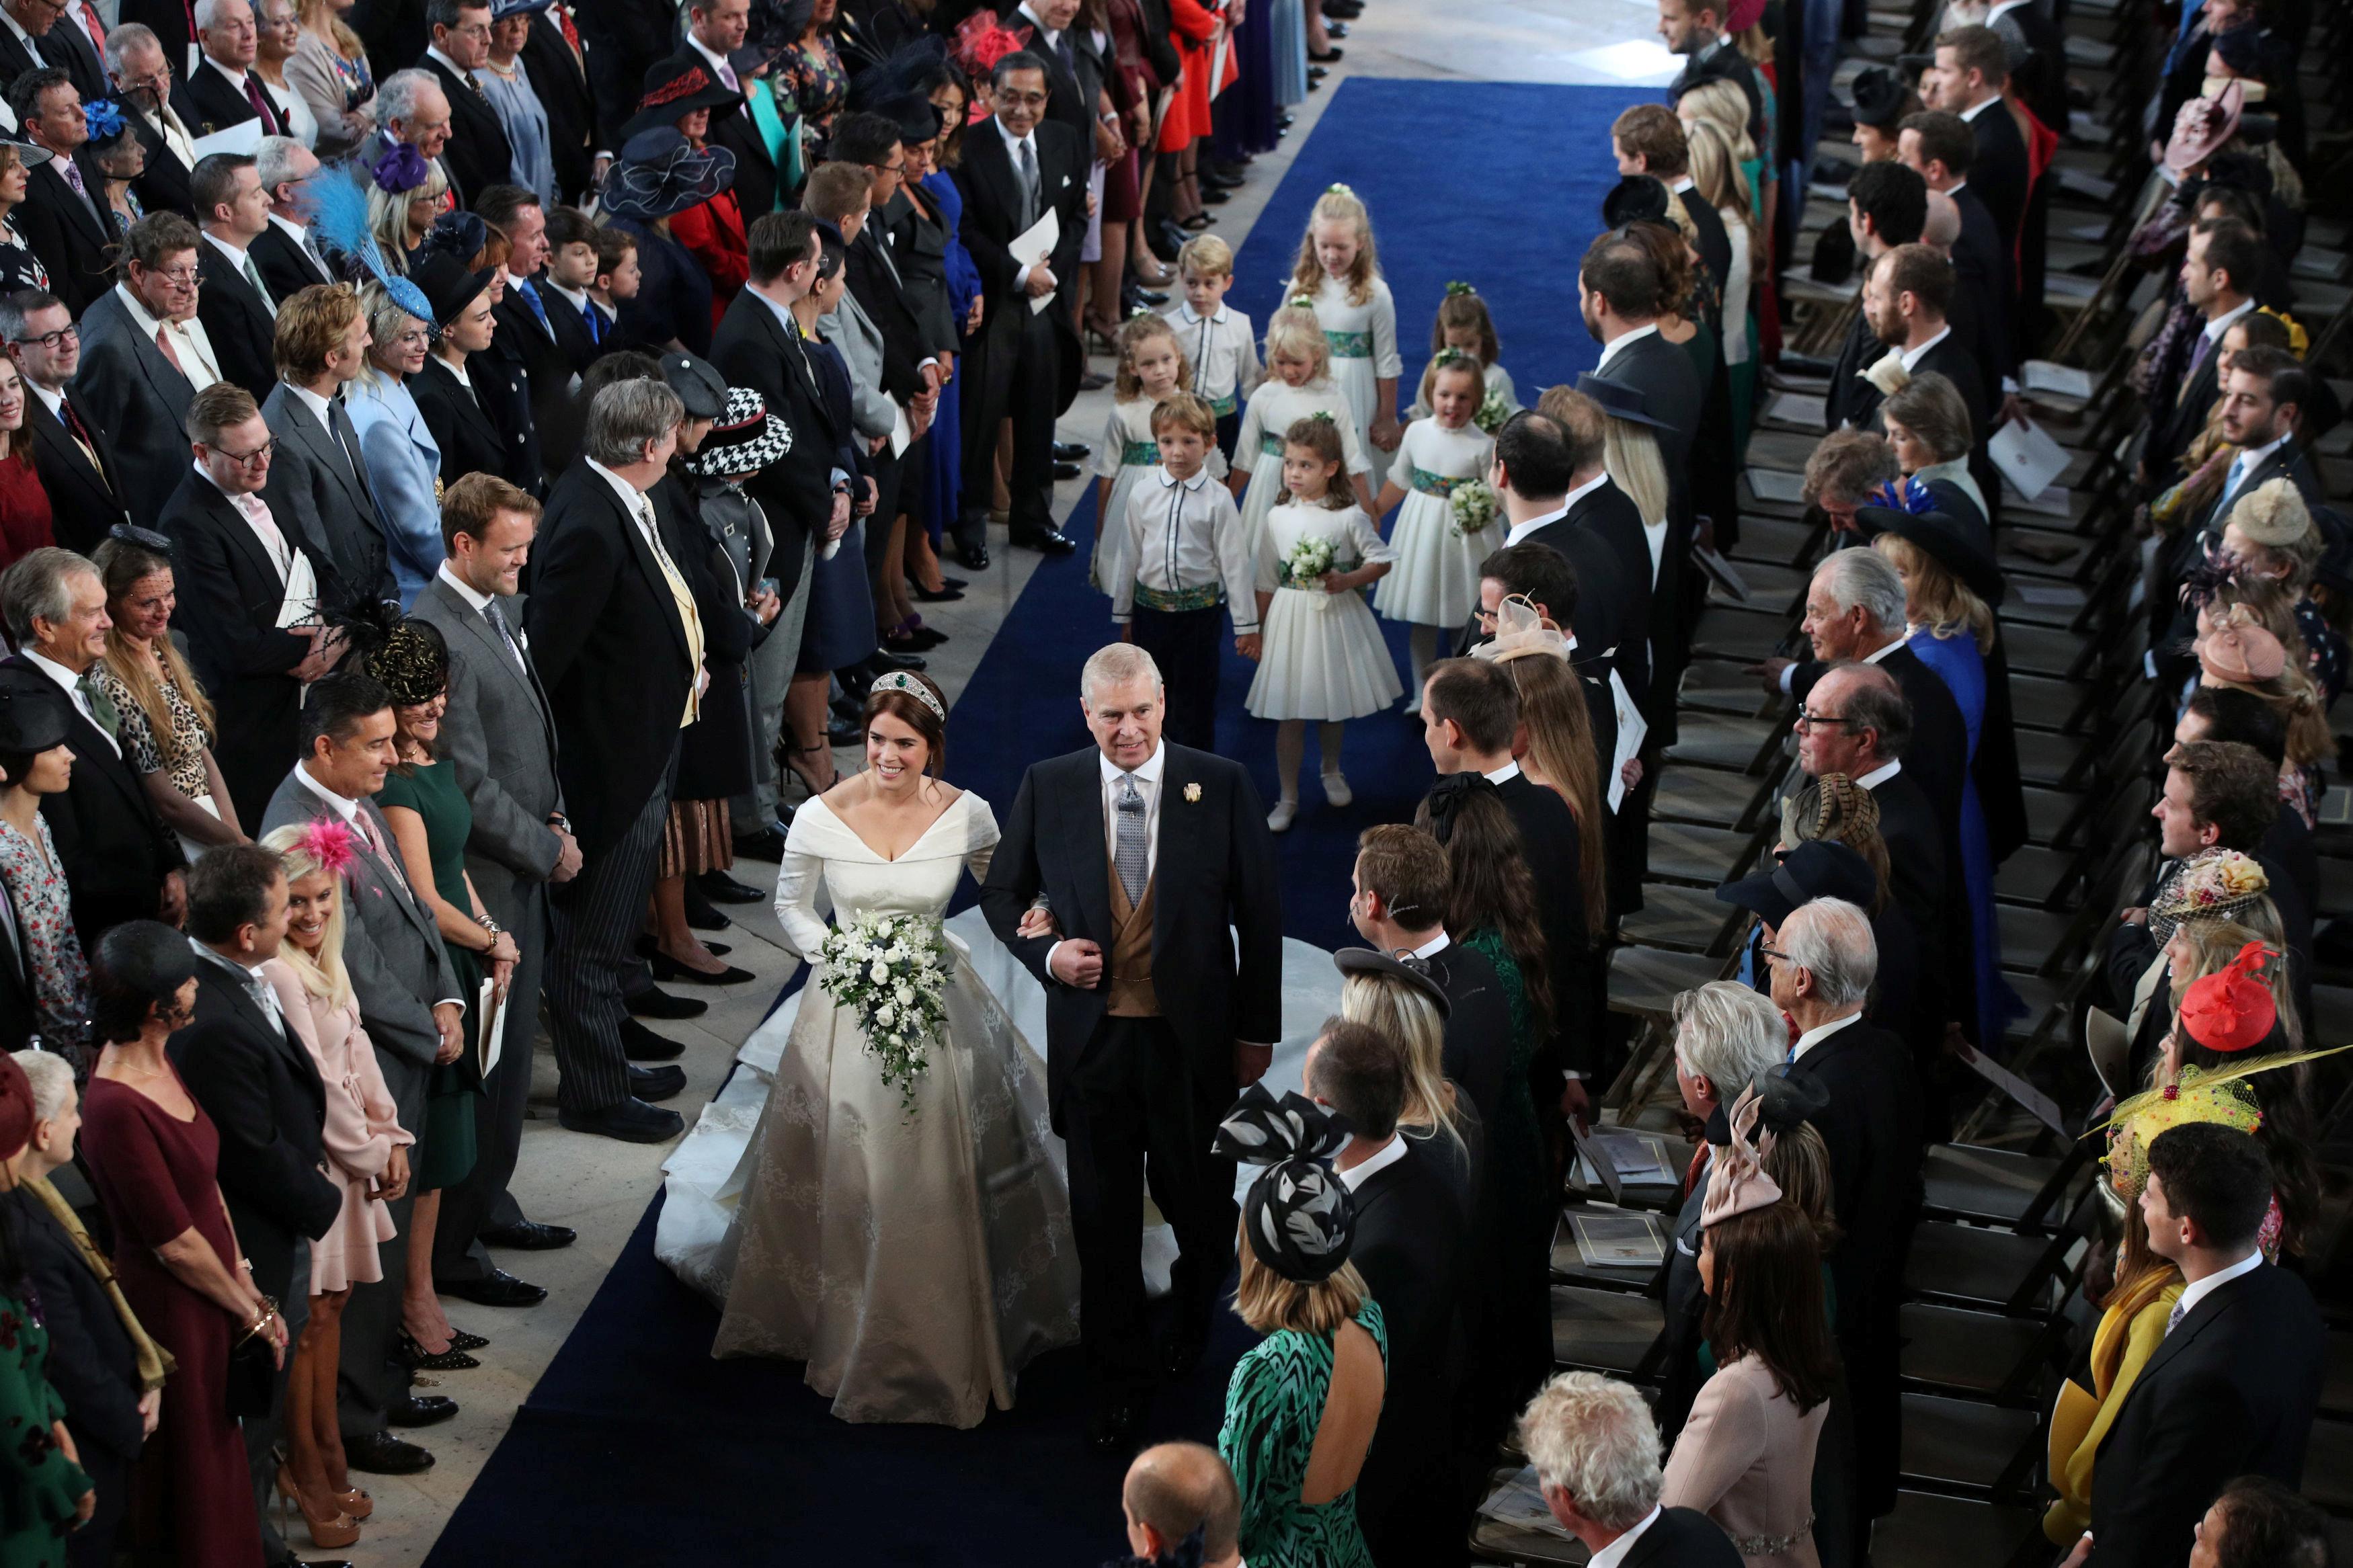 حفل زفاف الأميرة يوجينى بقلعة وندسور